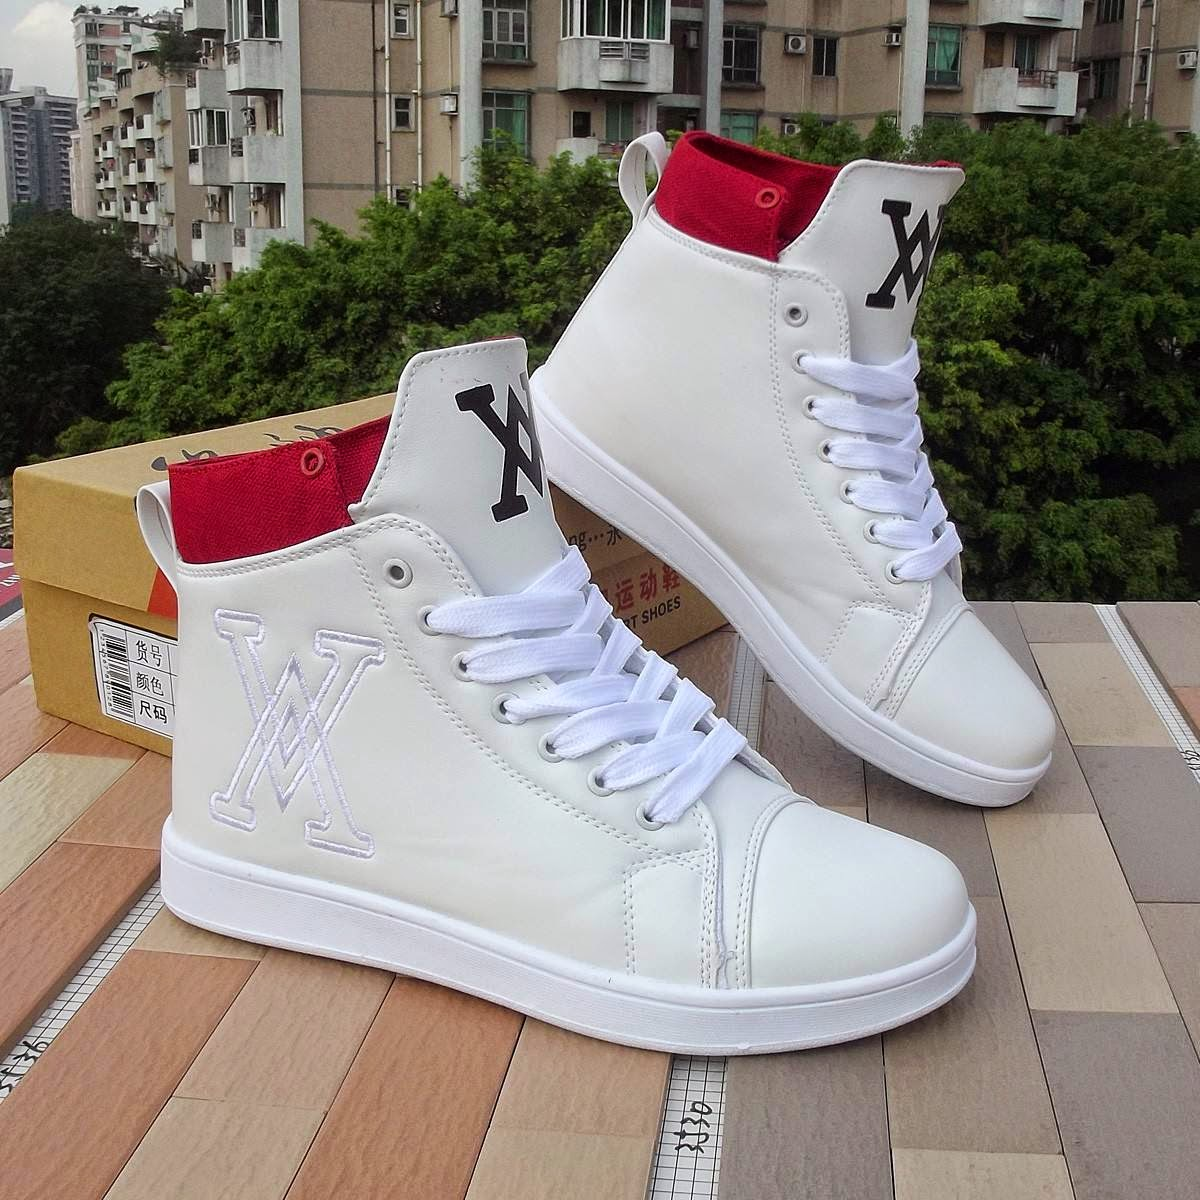 275e1abe1001a Cuando compres un nuevo par de zapatillas